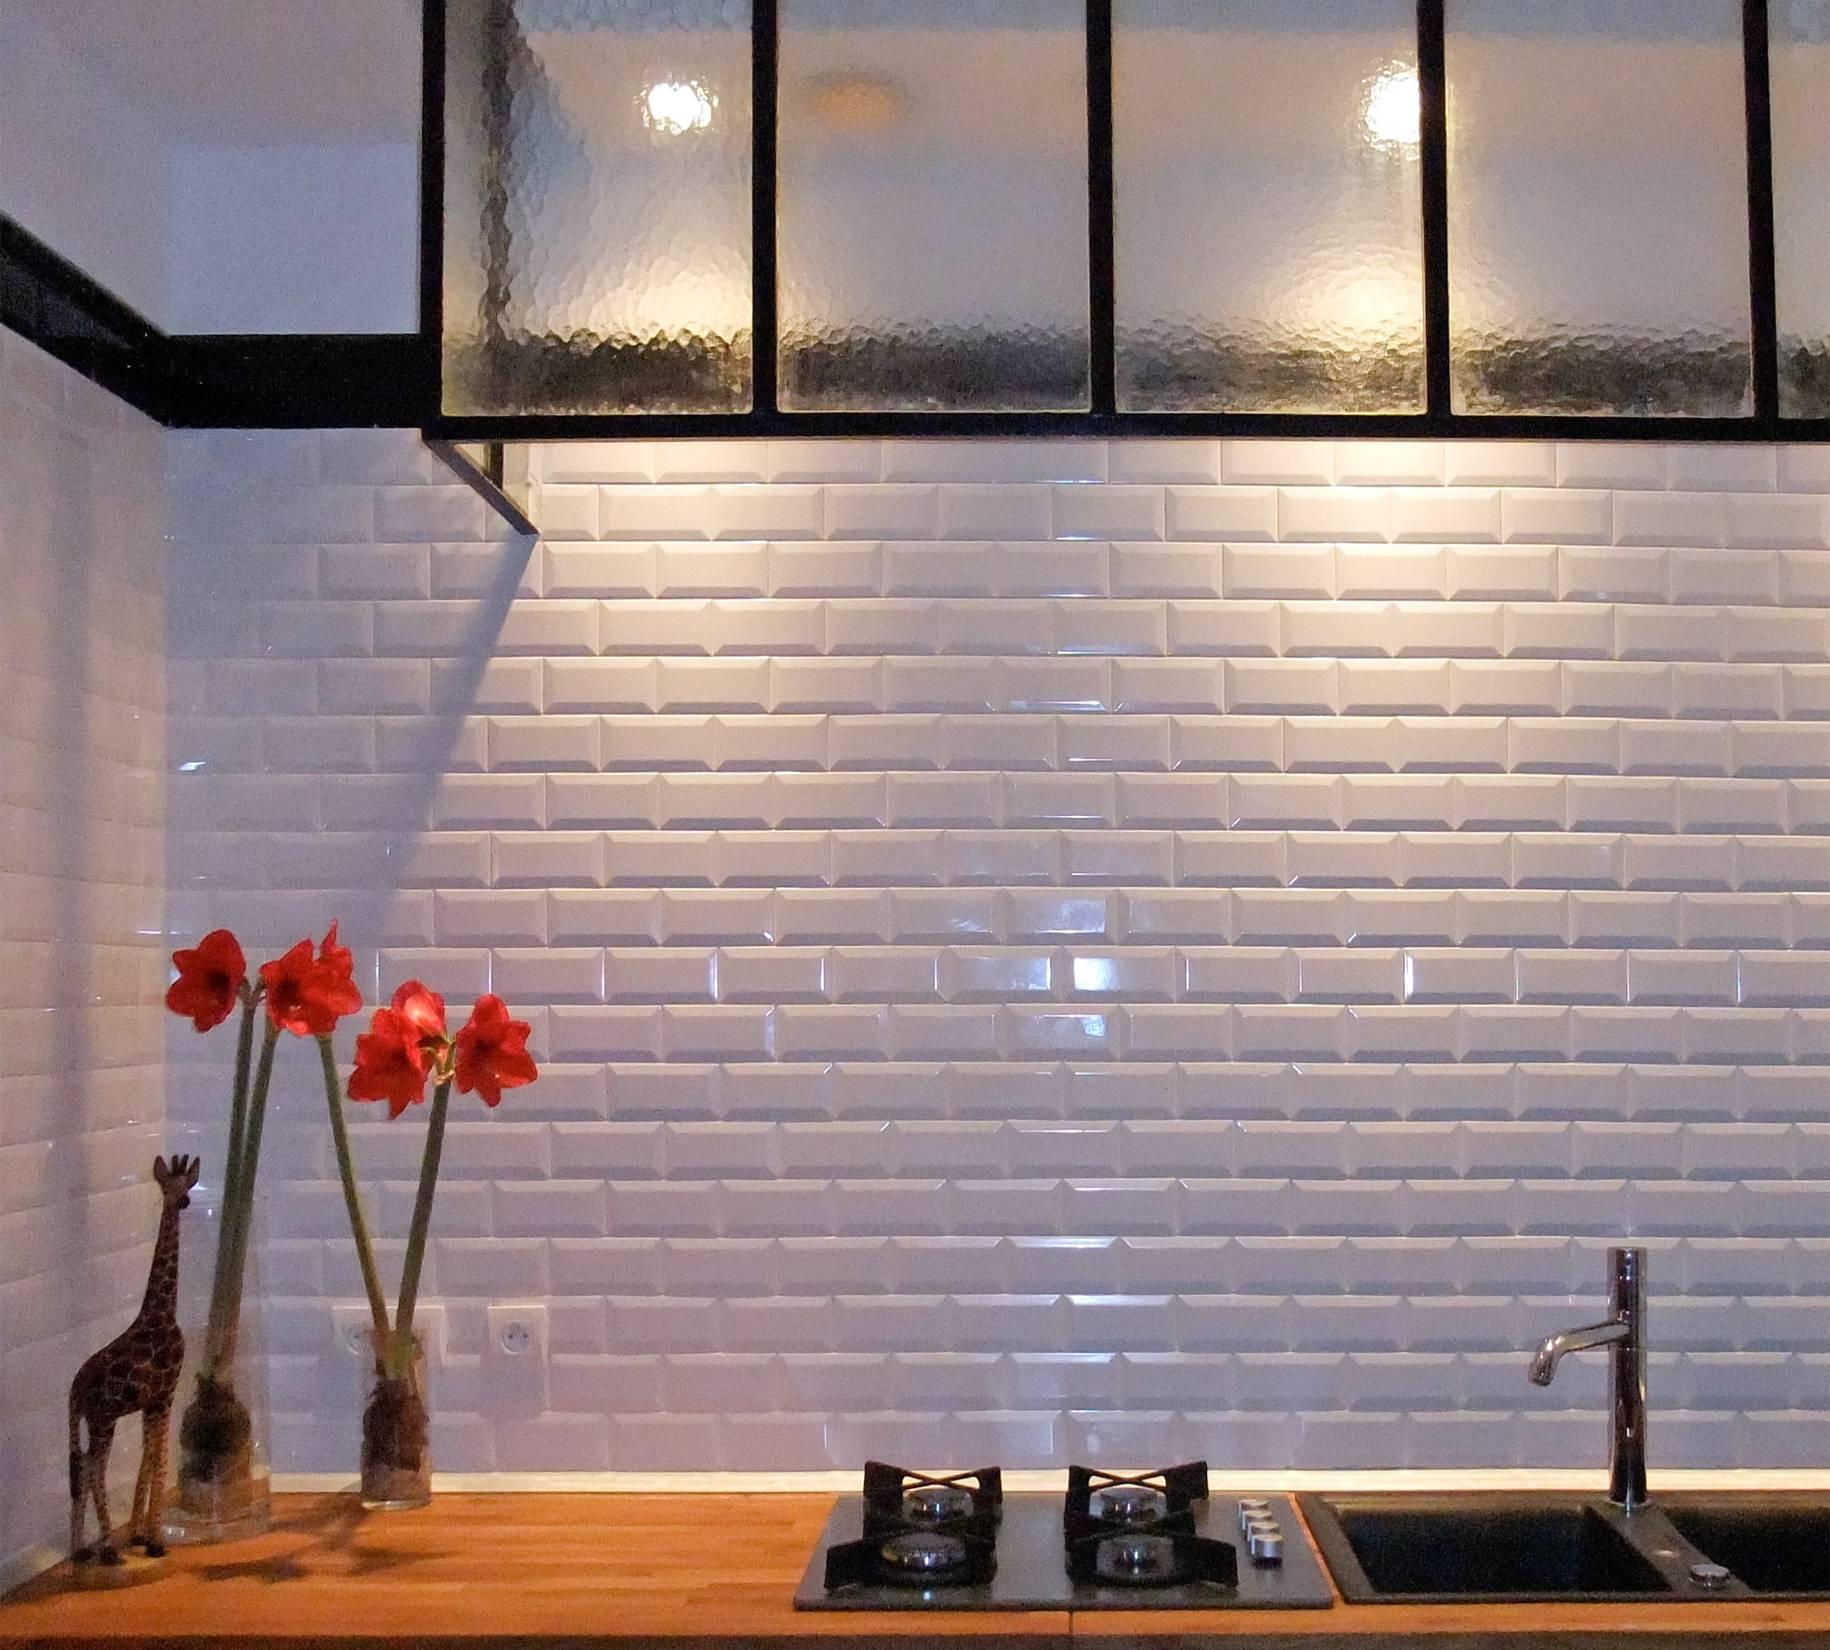 Vente de carreaux ciment pour salle de bain Saint Tropez ...